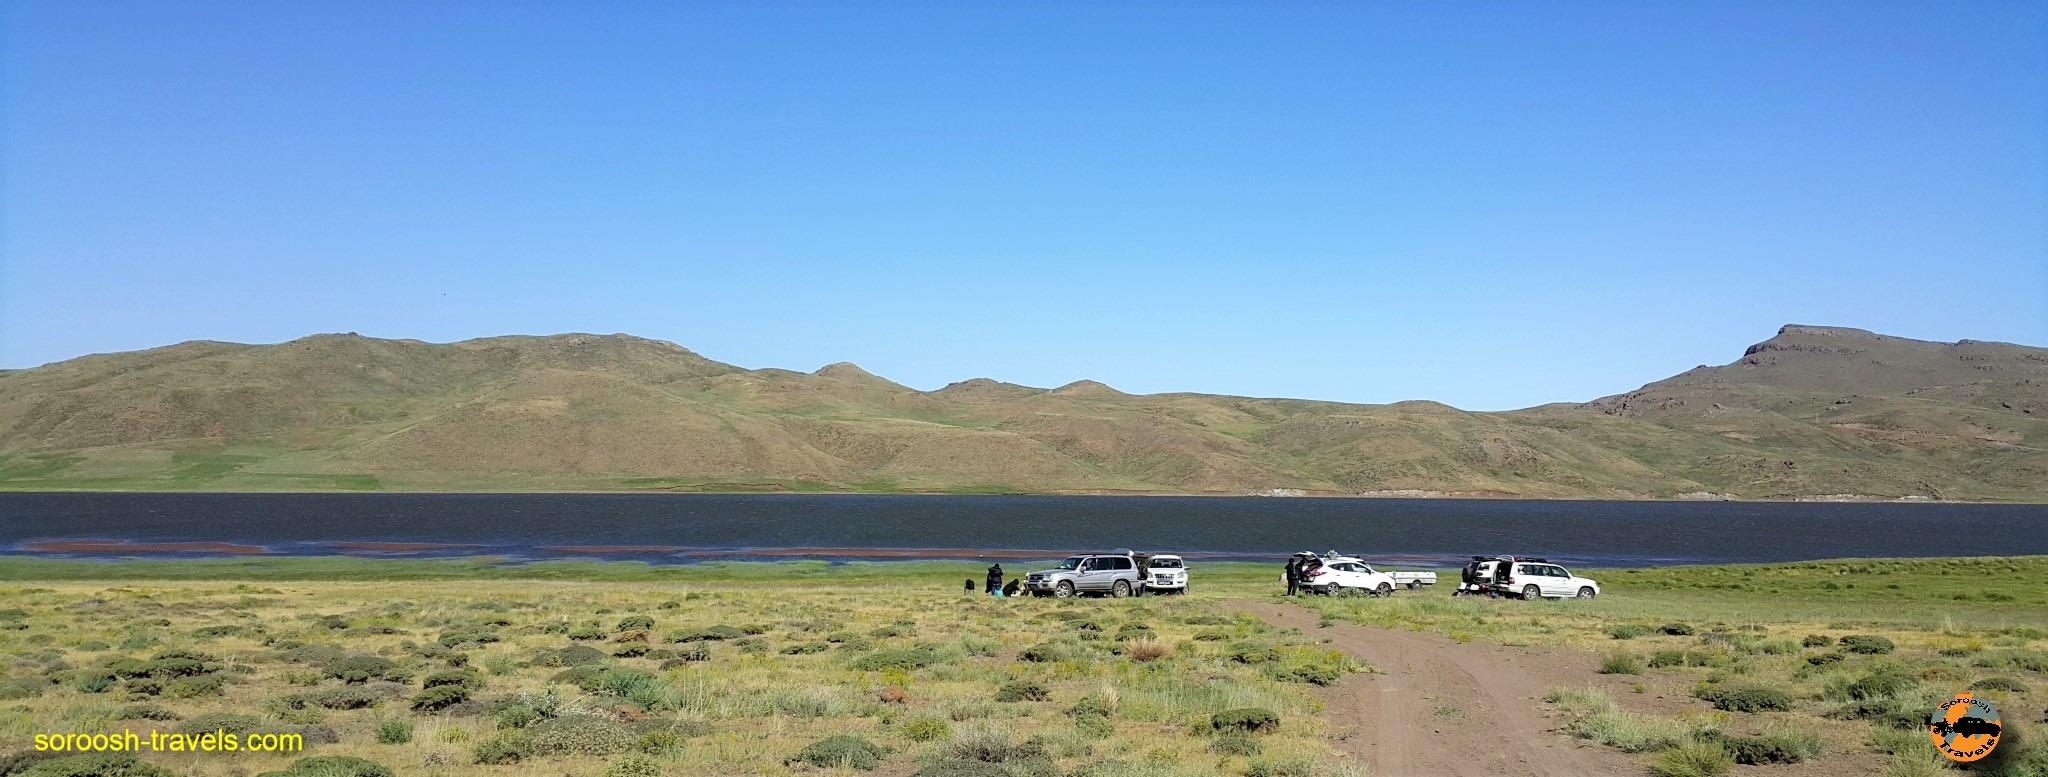 دریاچه زیبای نئور در استان اردبیل - تابستان ۱۳۹۶